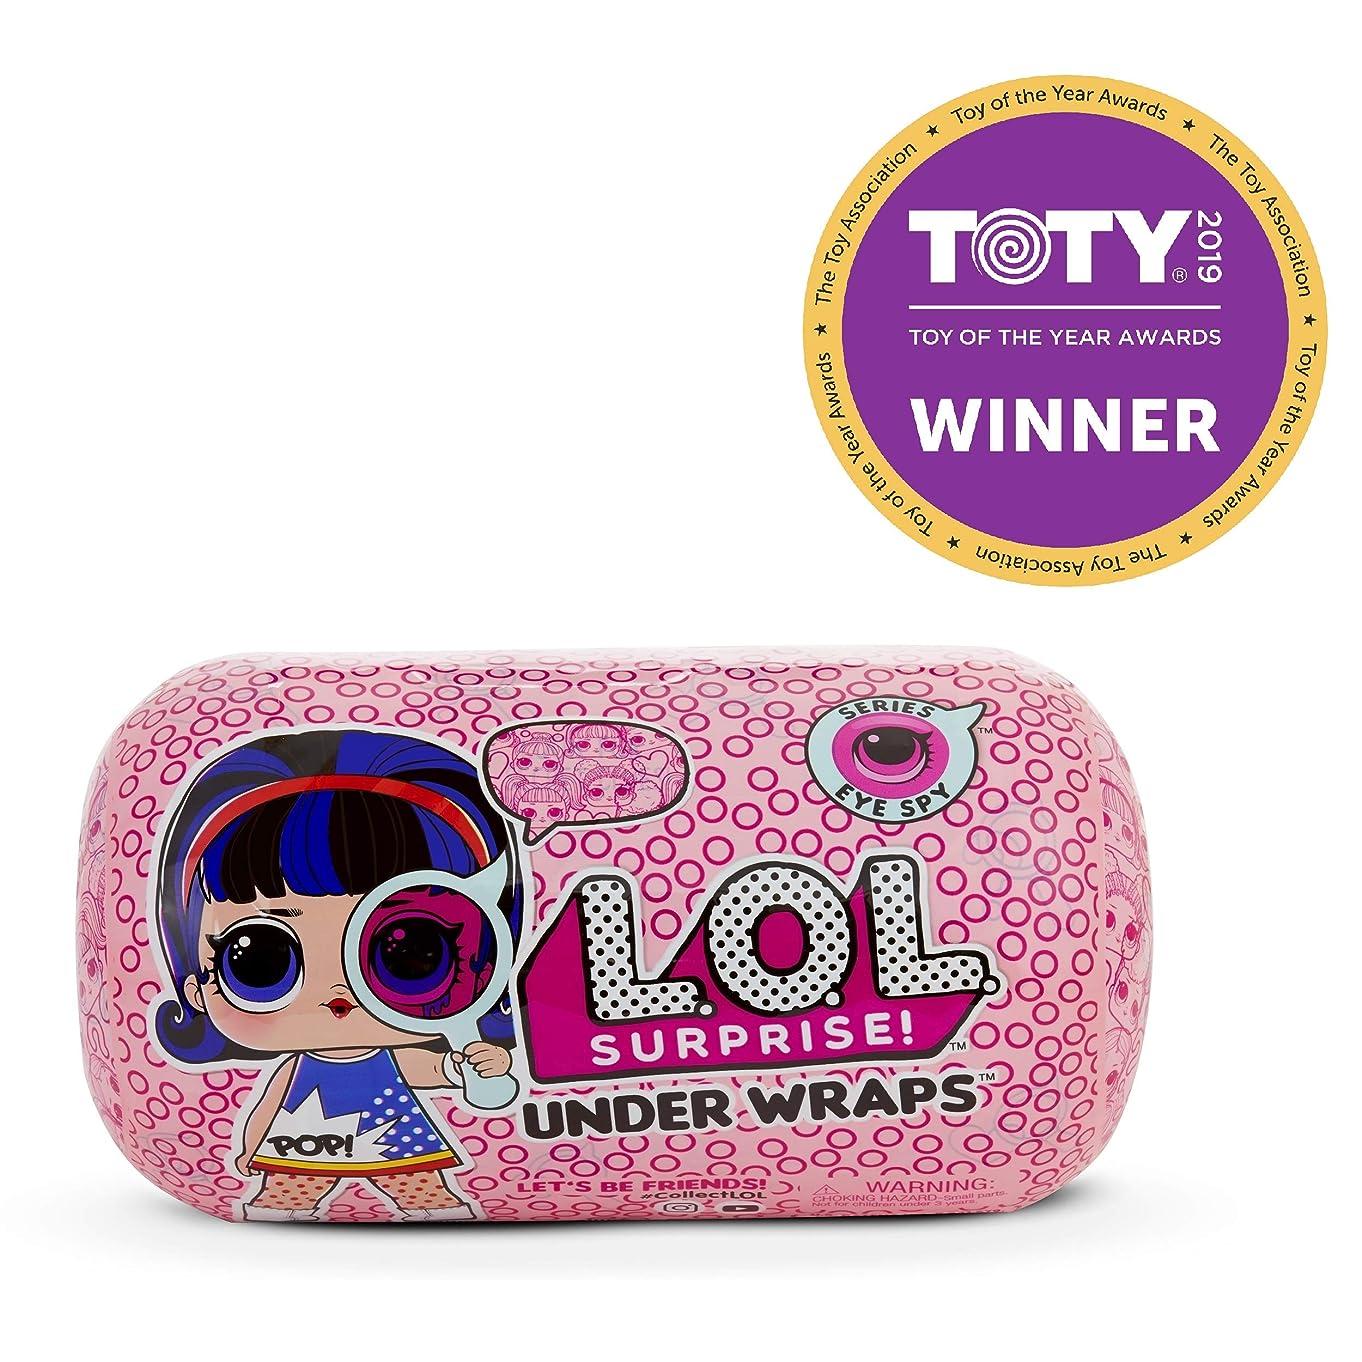 L.O.L. Surprise Under Wraps Doll- Series Eye Spy 1A